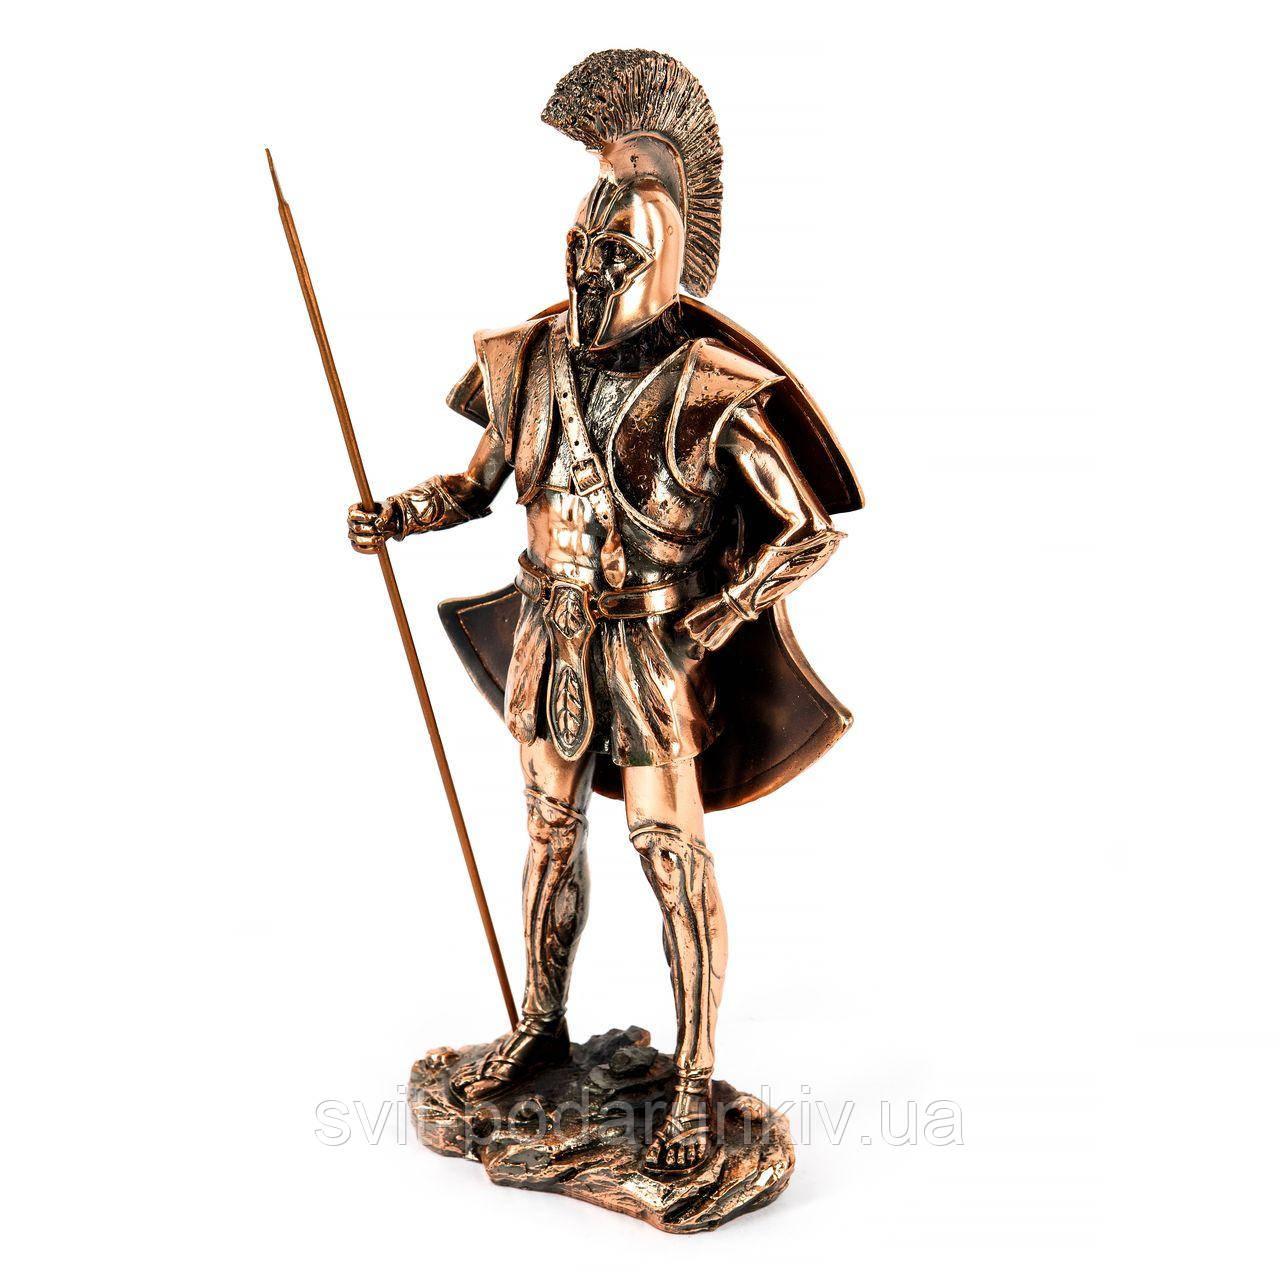 Статуэтка воина с копьем